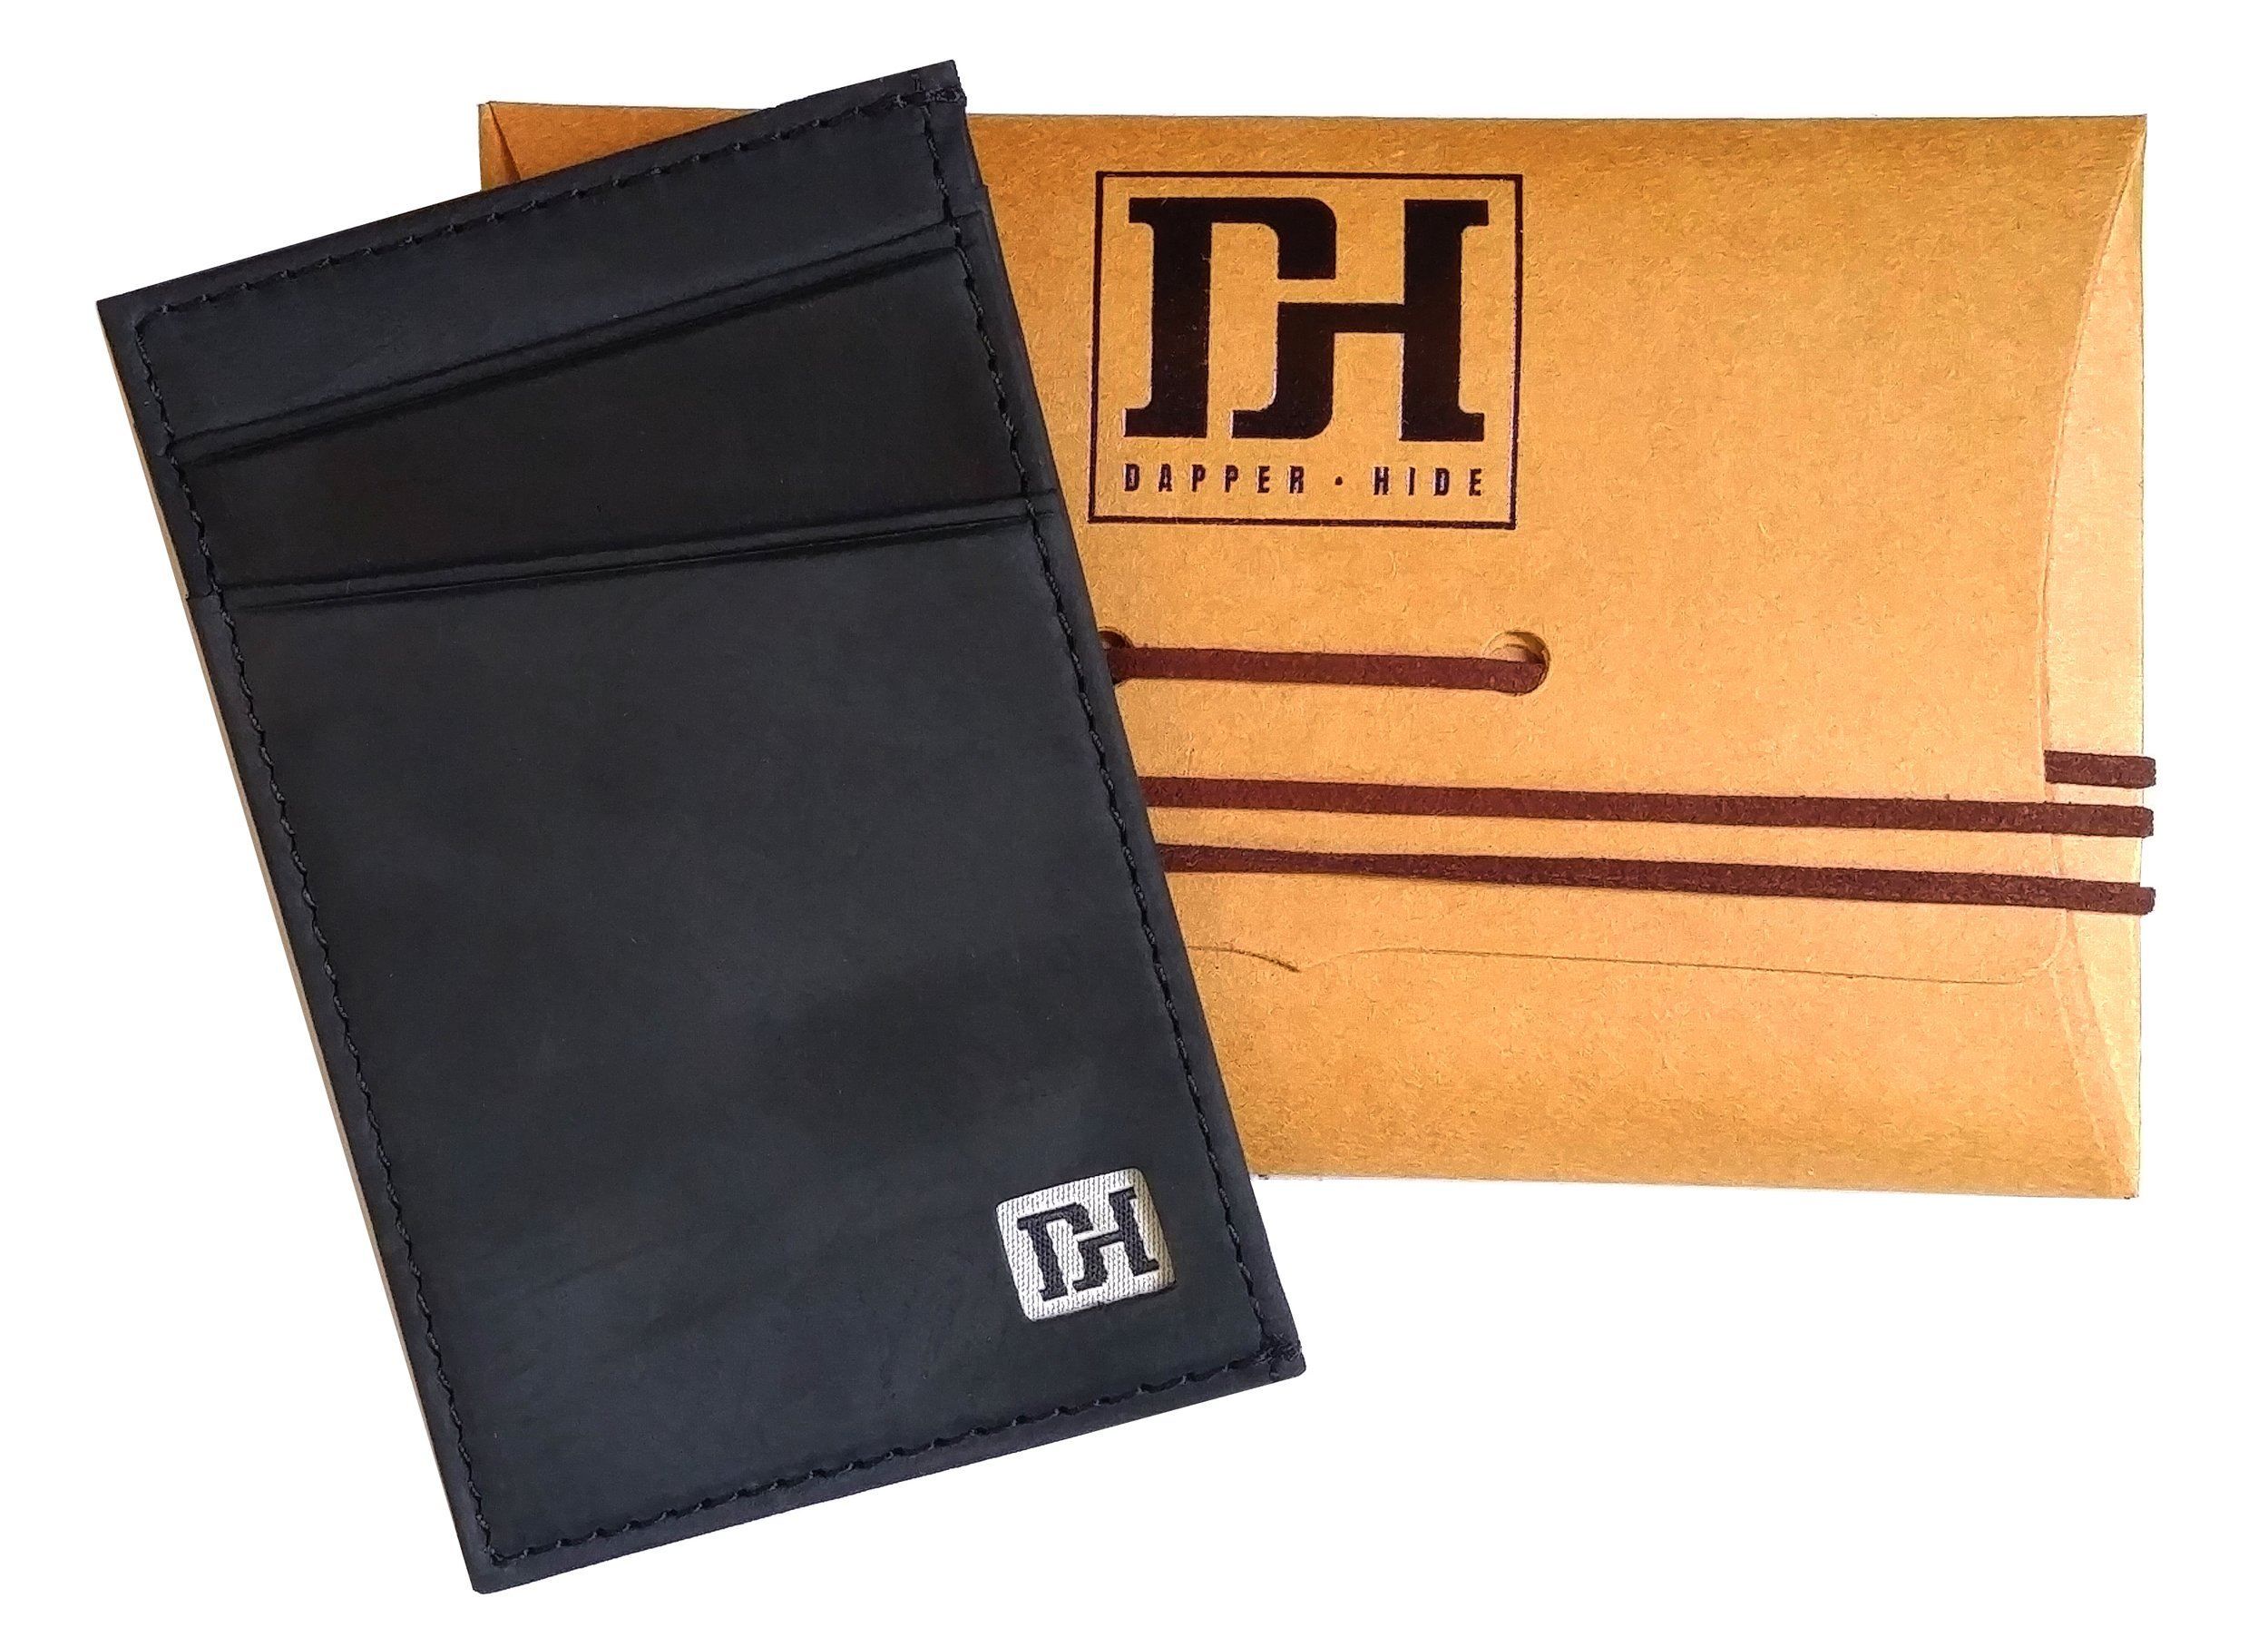 Doyle BlackBlack Packaging.jpg